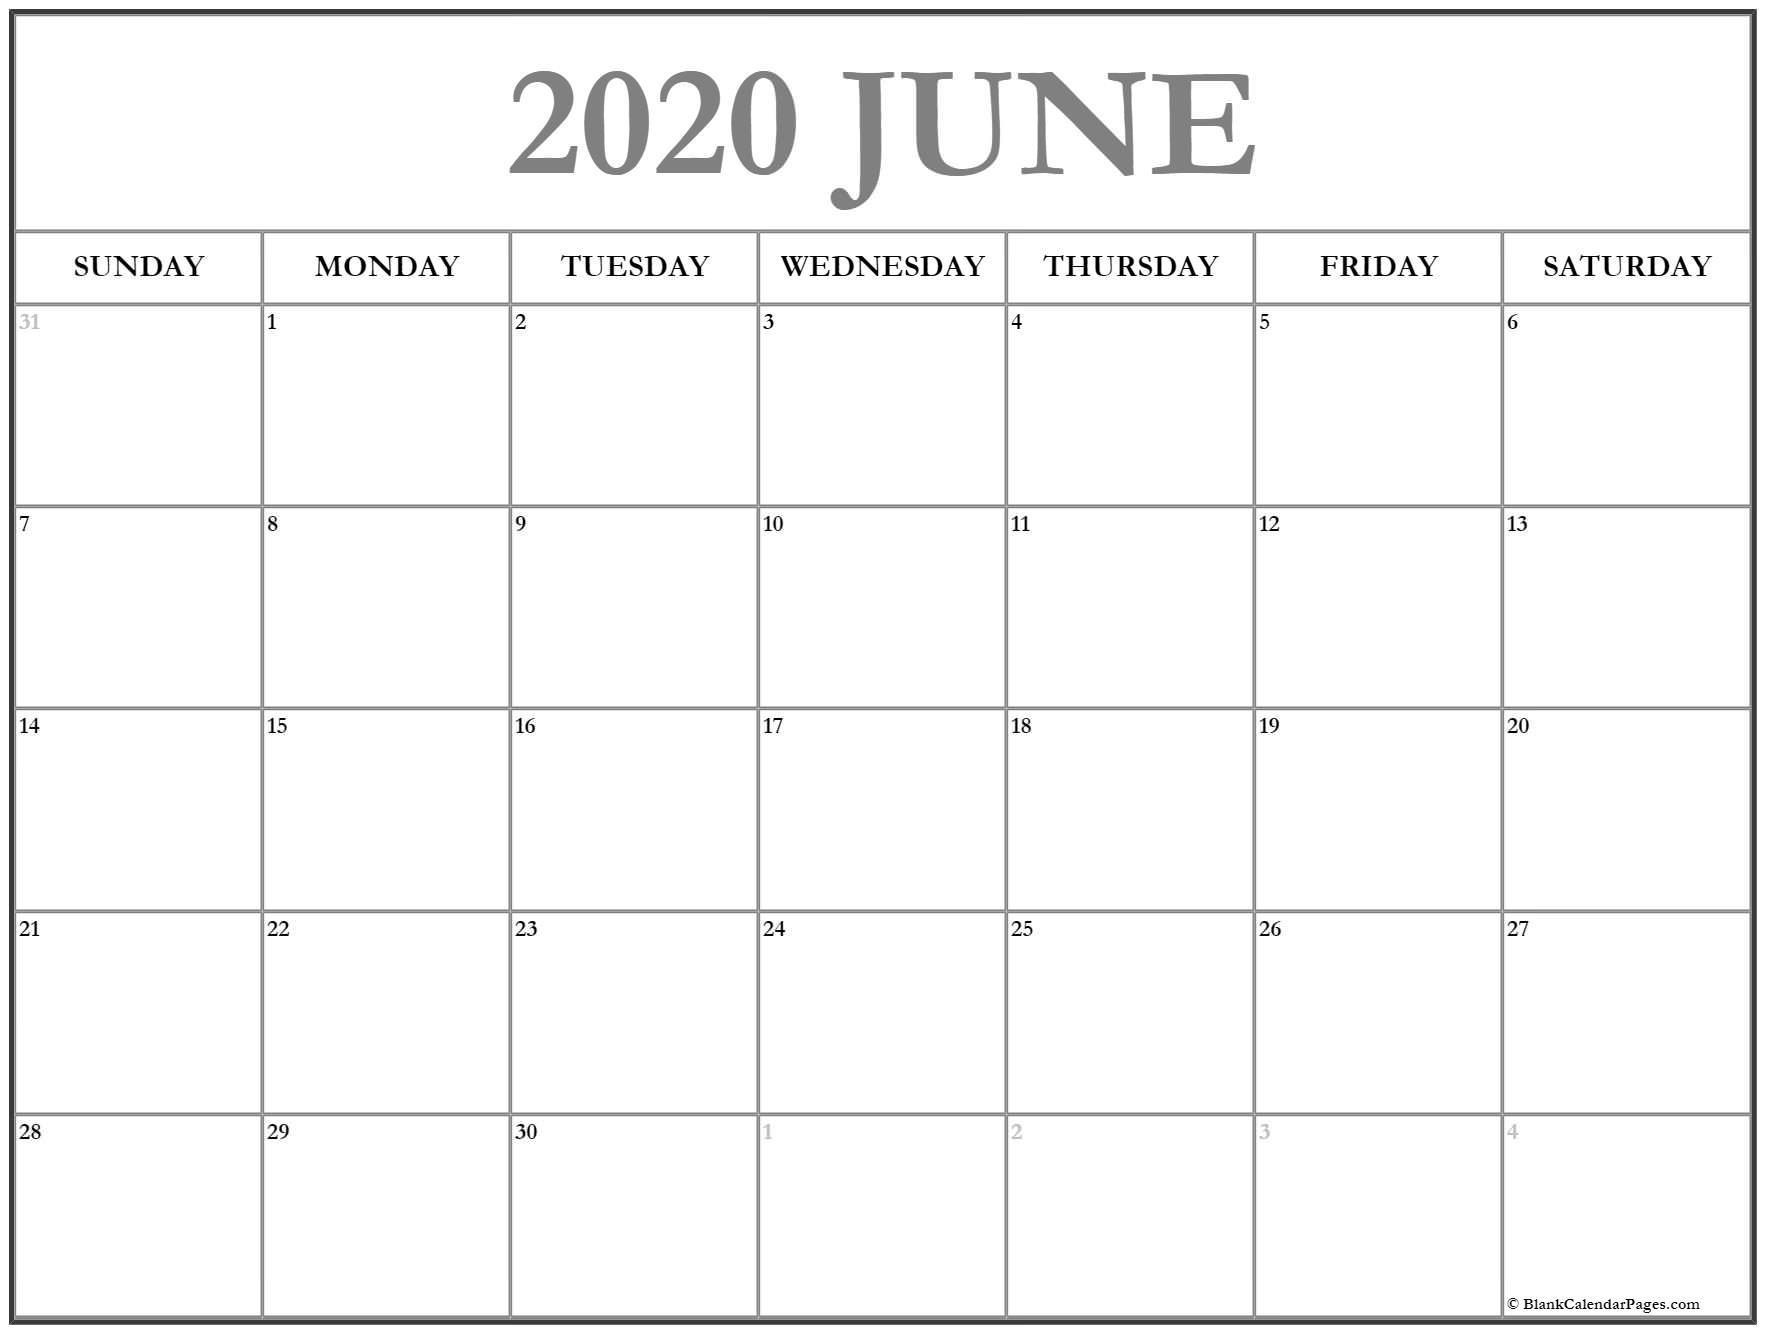 June 2020 Waterproof Template